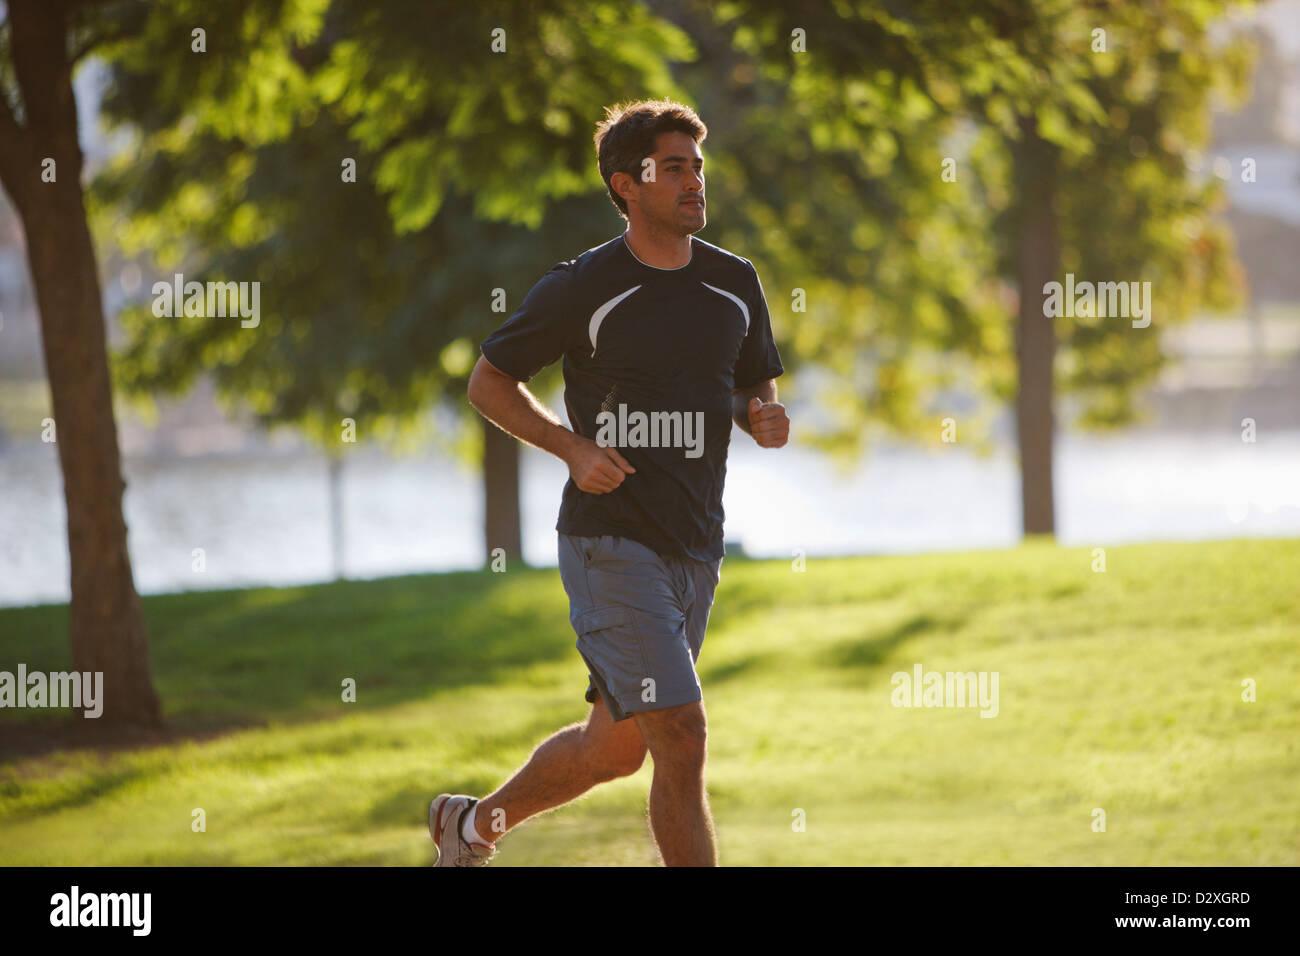 Hombre jogging en el parque Imagen De Stock